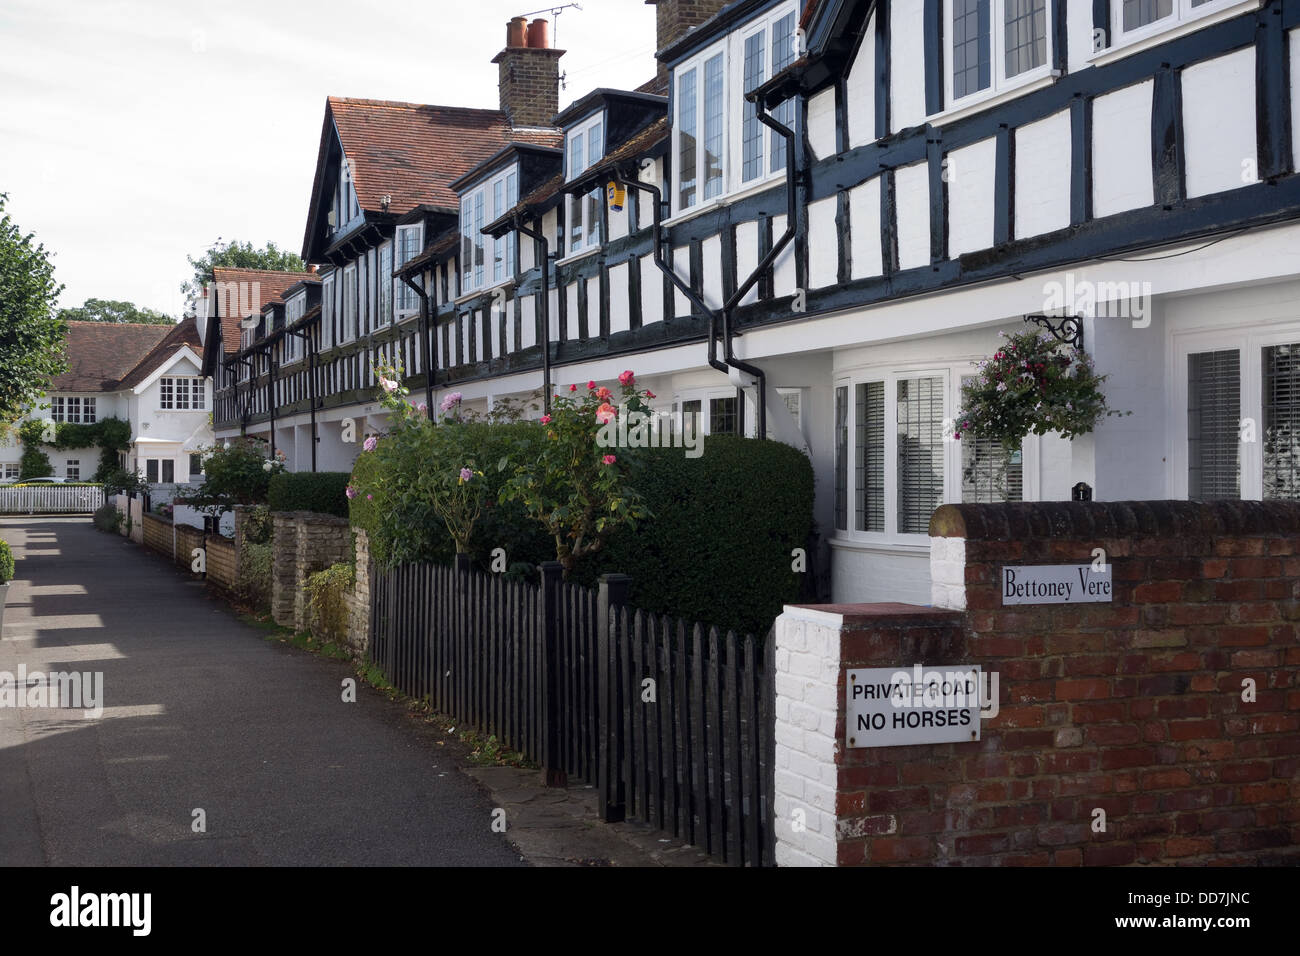 Private Road, Bray, Berkshire, UK - Stock Image